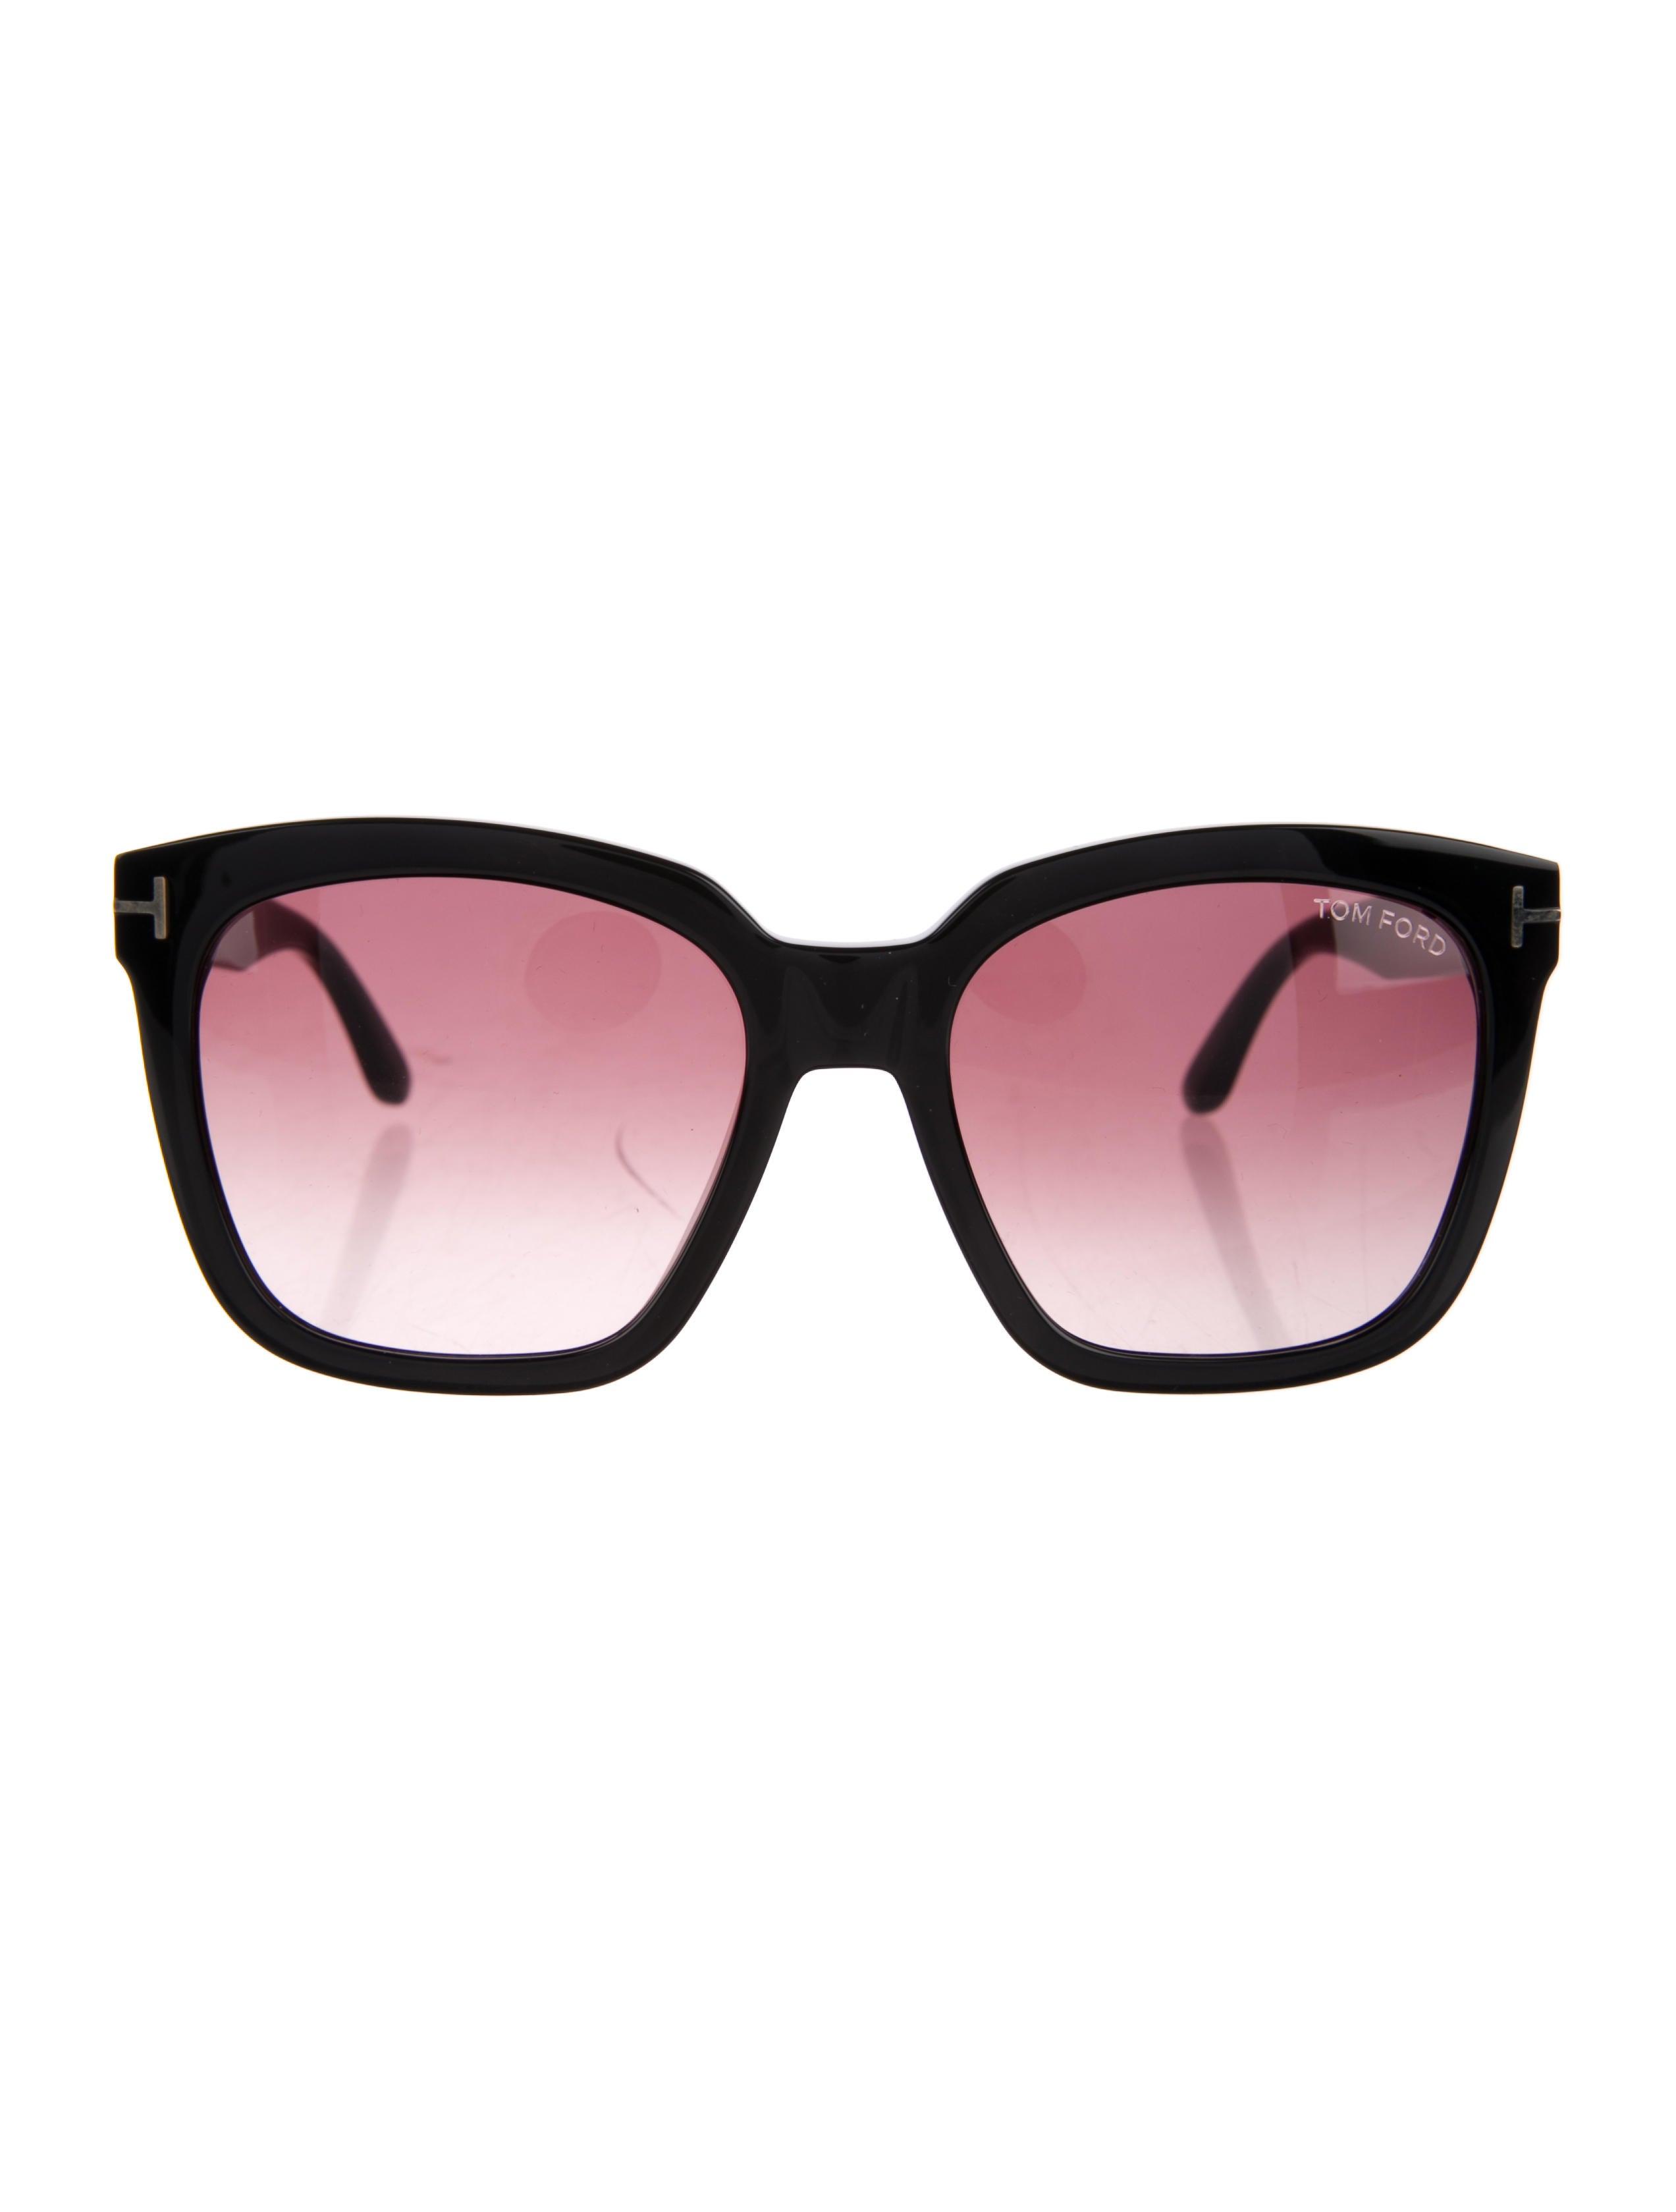 ea286f7653c19 Tom Ford Amarra Gradient Sunglasses - Accessories - TOM37136